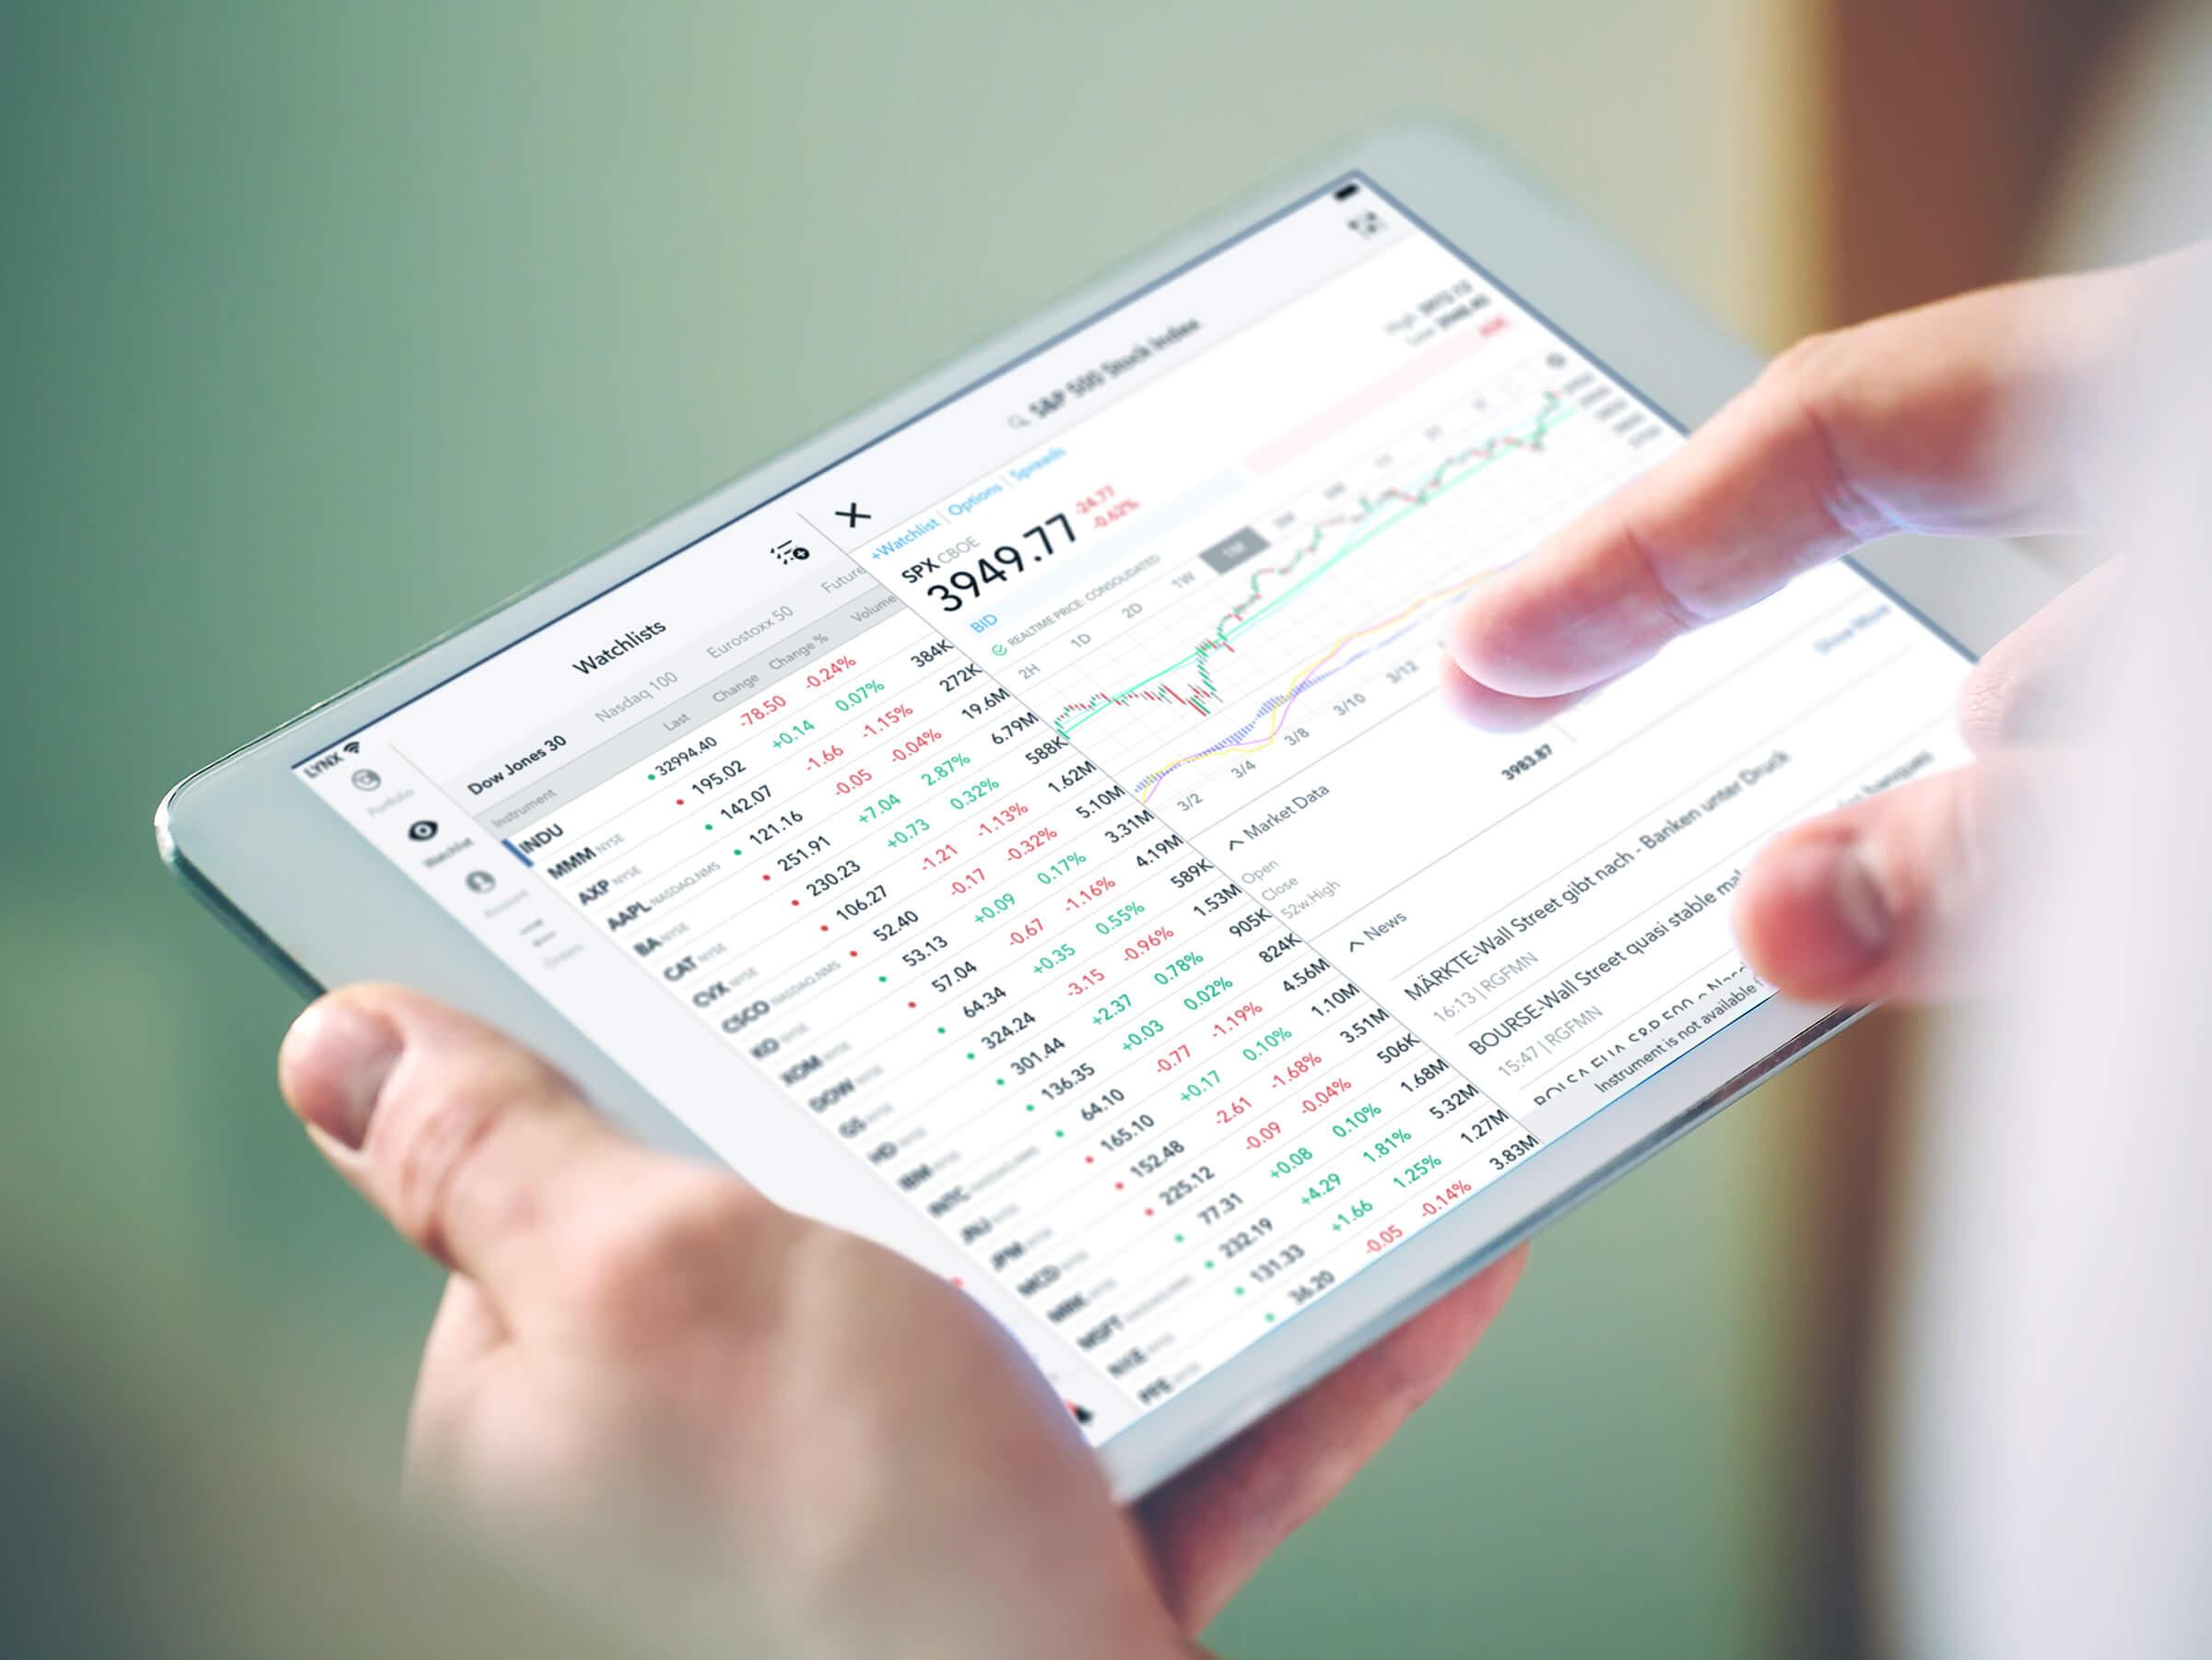 Obchodní platforma LYNX Trading s cenovým grafem akcie na zařízení iPad